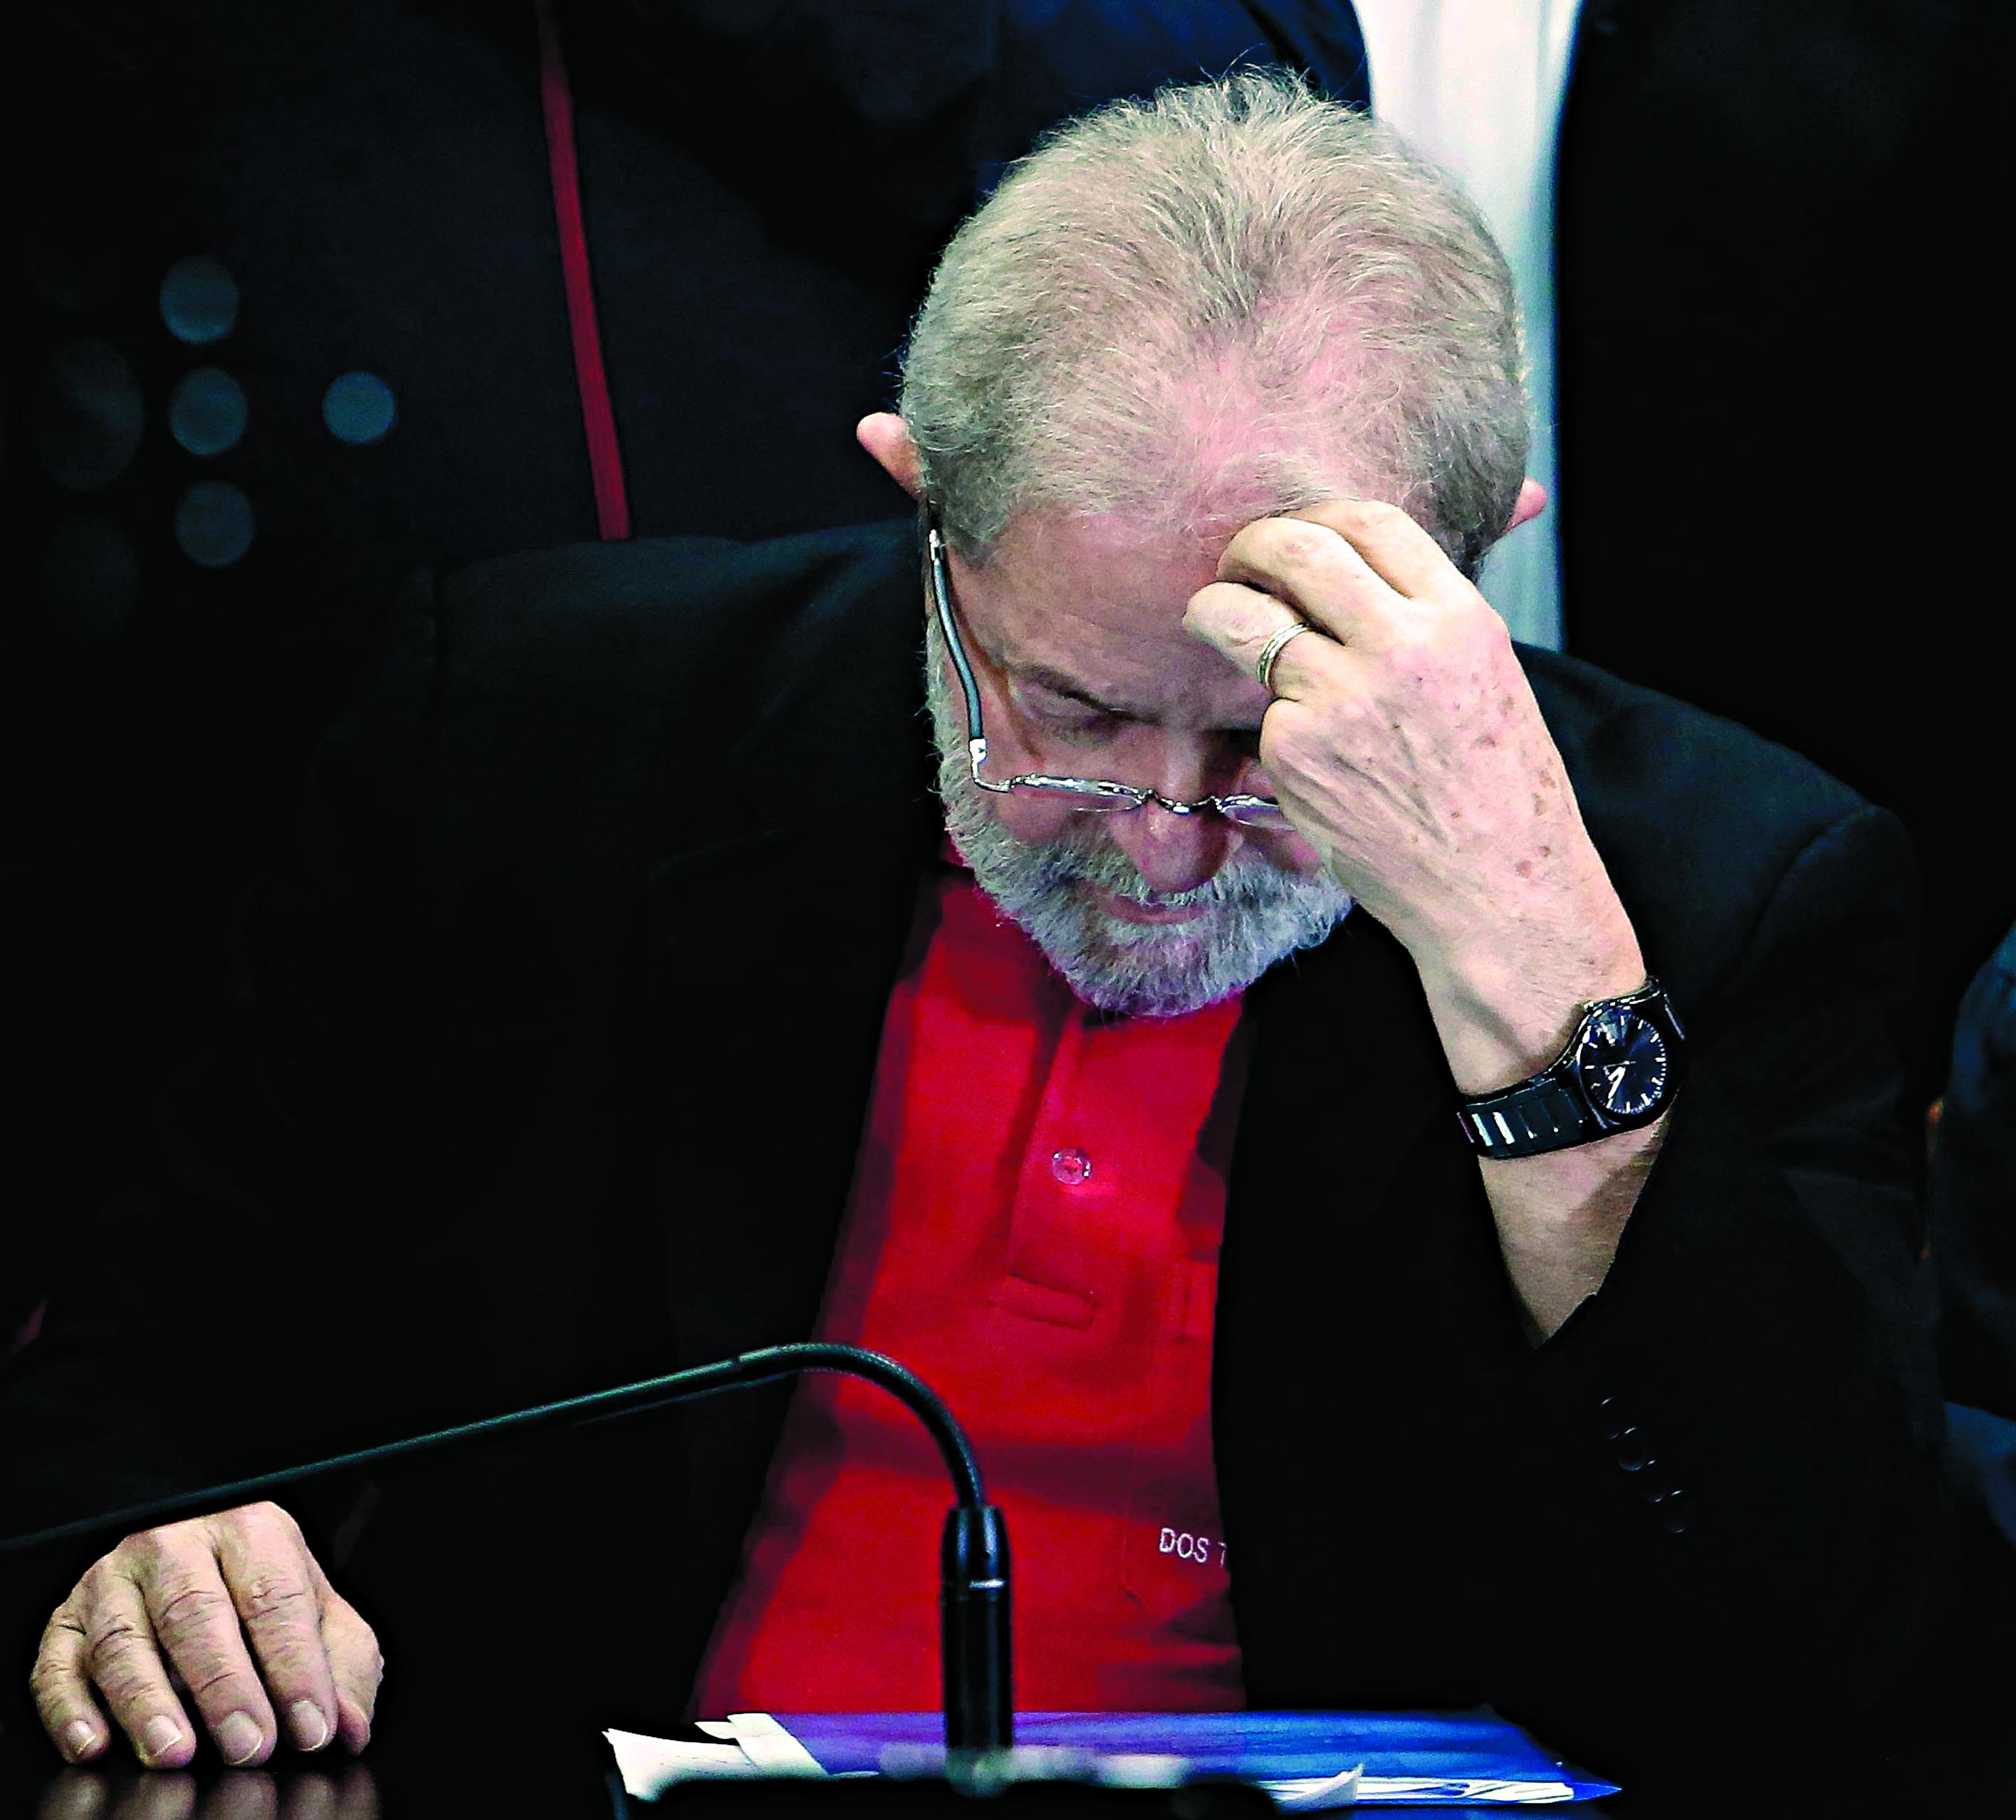 Juíz Sérgio Moro manda Lula apresentar-se na prisão — Brasil